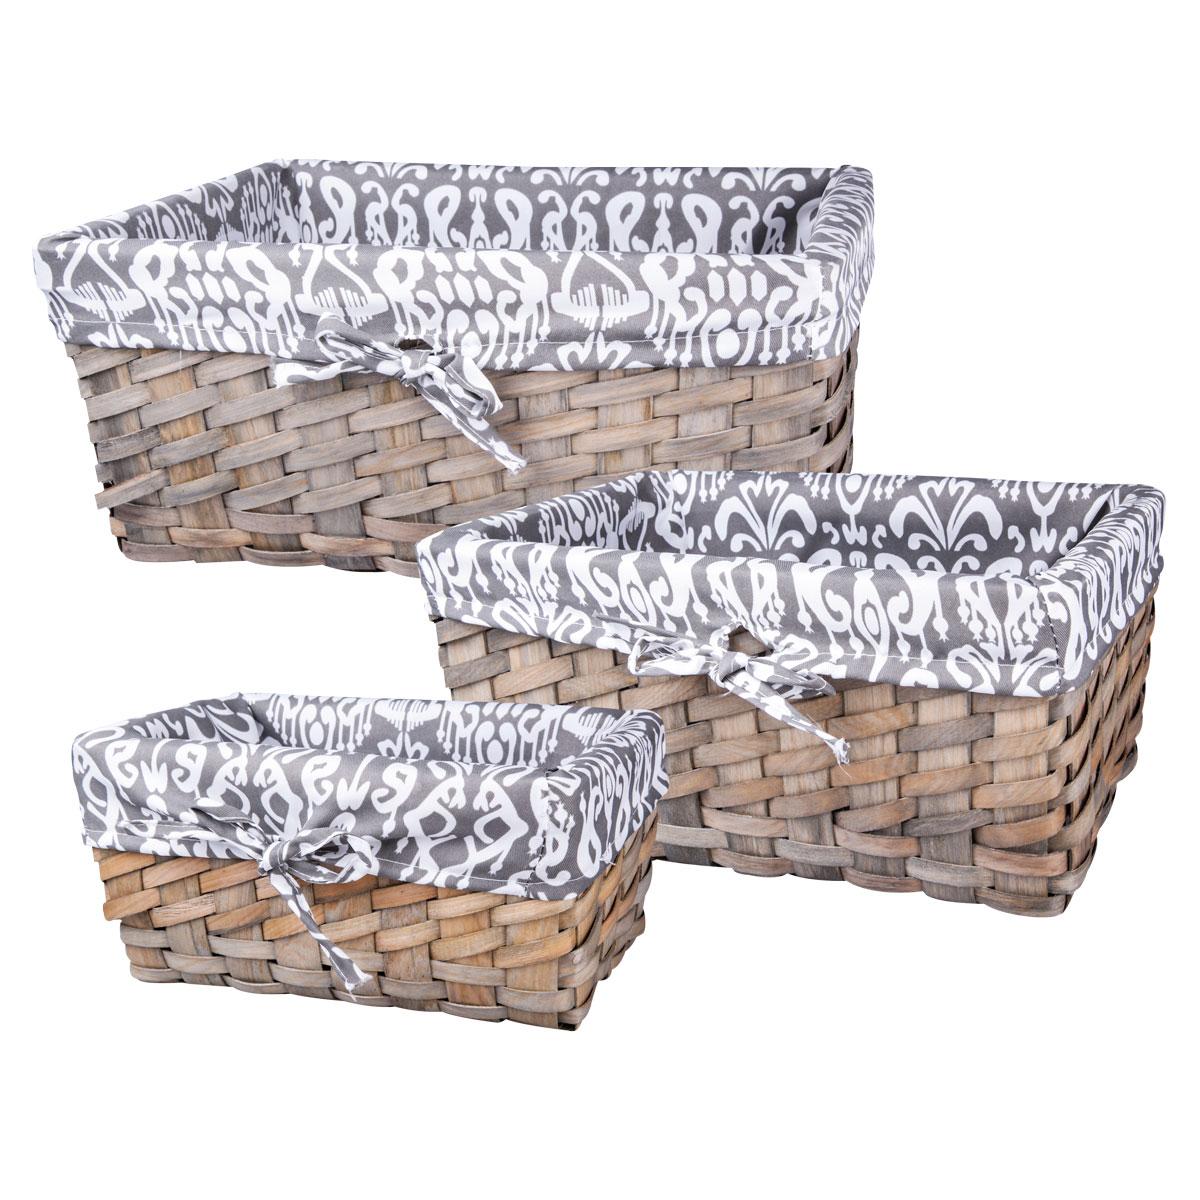 Набор плетеных корзинок Miolla, 3 шт. QL40043525051 7_желтыйНабор Miolla состоит из трех прямоугольных плетеных корзинок разного размера. Изделия выполнены из плетеной древесины и обтянуты тканью с оригинальным принтом. Такие корзинки прекрасно подойдут для хранения хлеба и других хлебобулочных изделий, печенья, а также бытовых принадлежностей и различных мелочей. Стильный дизайн корзинок сделает их украшением интерьера помещения. Подойдут для кухни, спальни, прихожей, ванной. Размер малой корзины: 28 см х 16 см х 13 см. Размер средней корзины: 33 см х 22 см х 15 см. Размер большой корзины: 38 см х 26 см х 17 см.